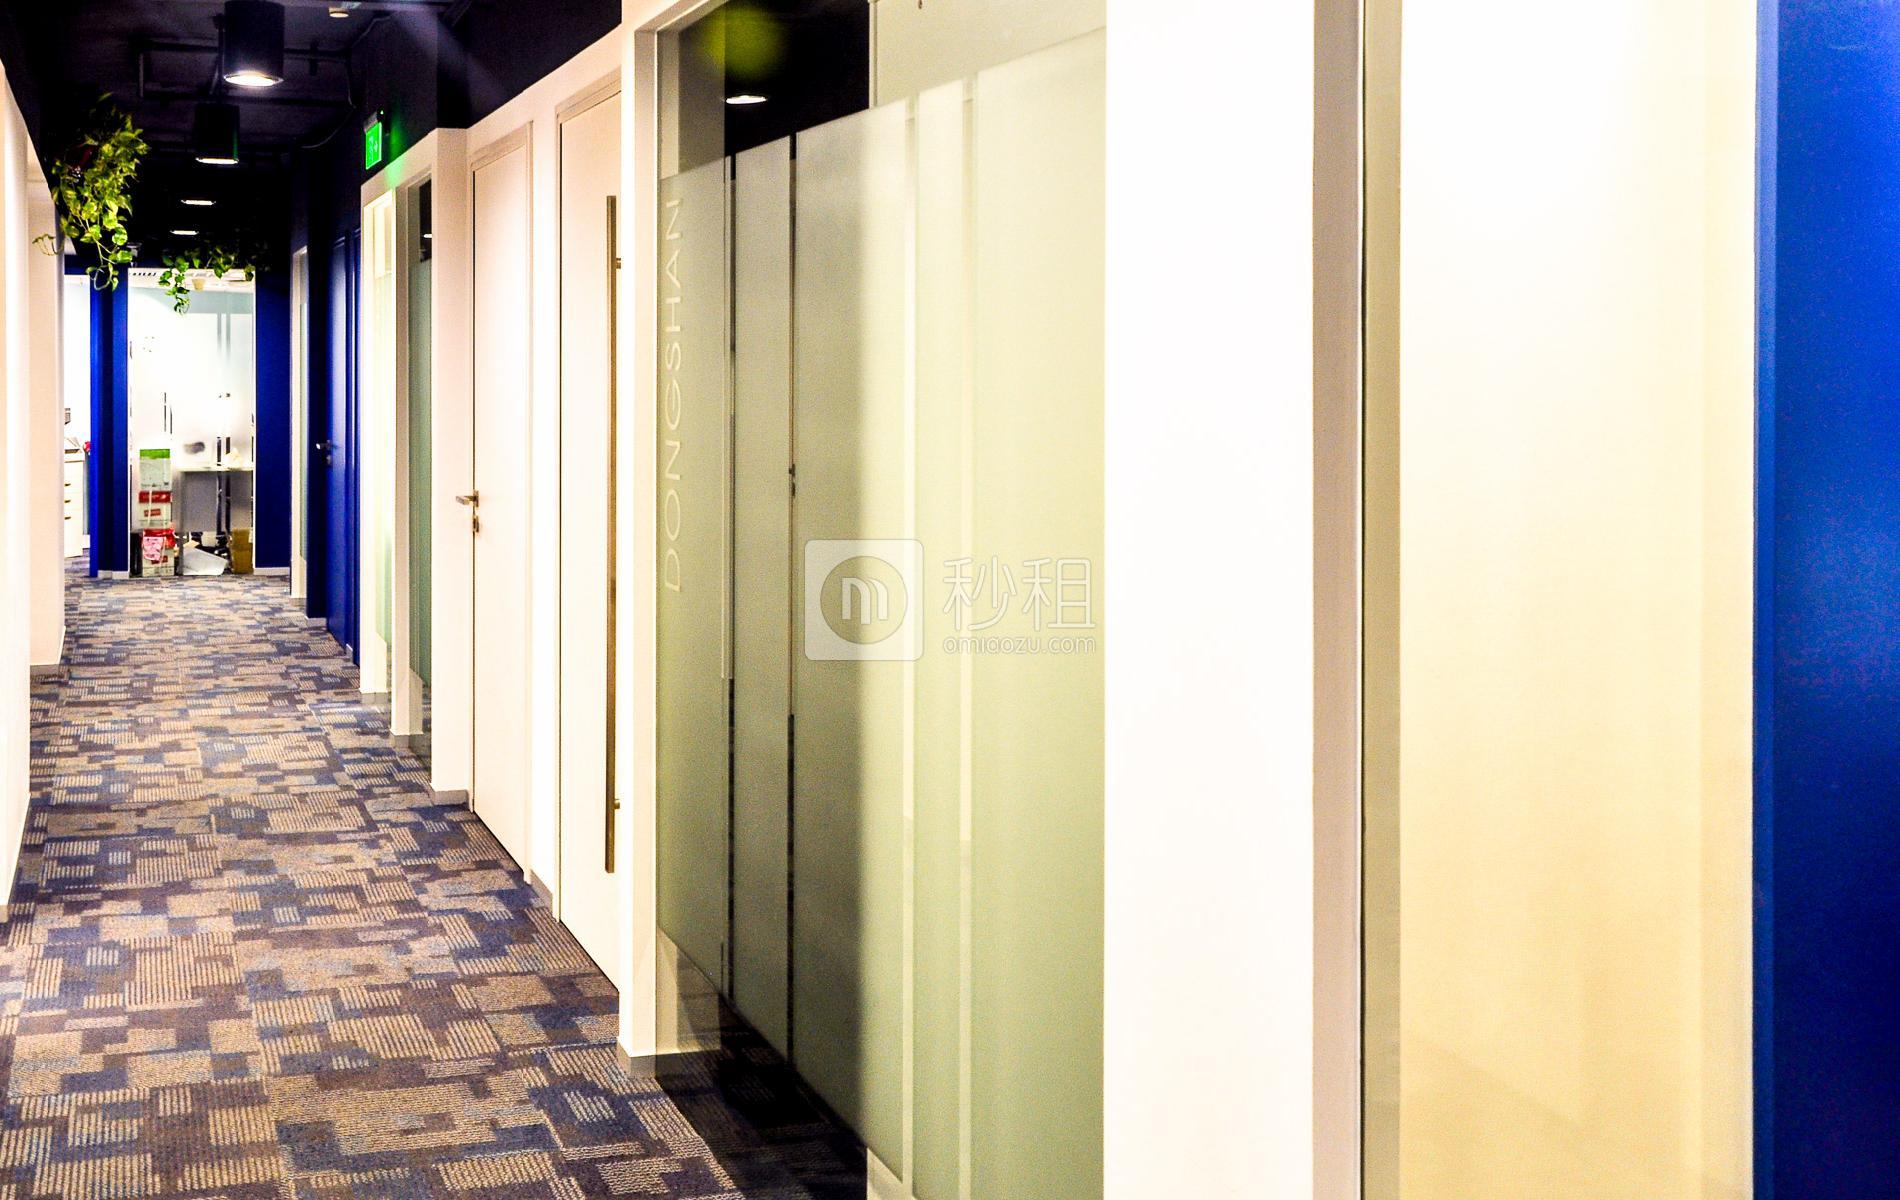 雷格斯商务中心-广东国际大厦写字楼出租/招租/租赁,雷格斯商务中心-广东国际大厦办公室出租/招租/租赁